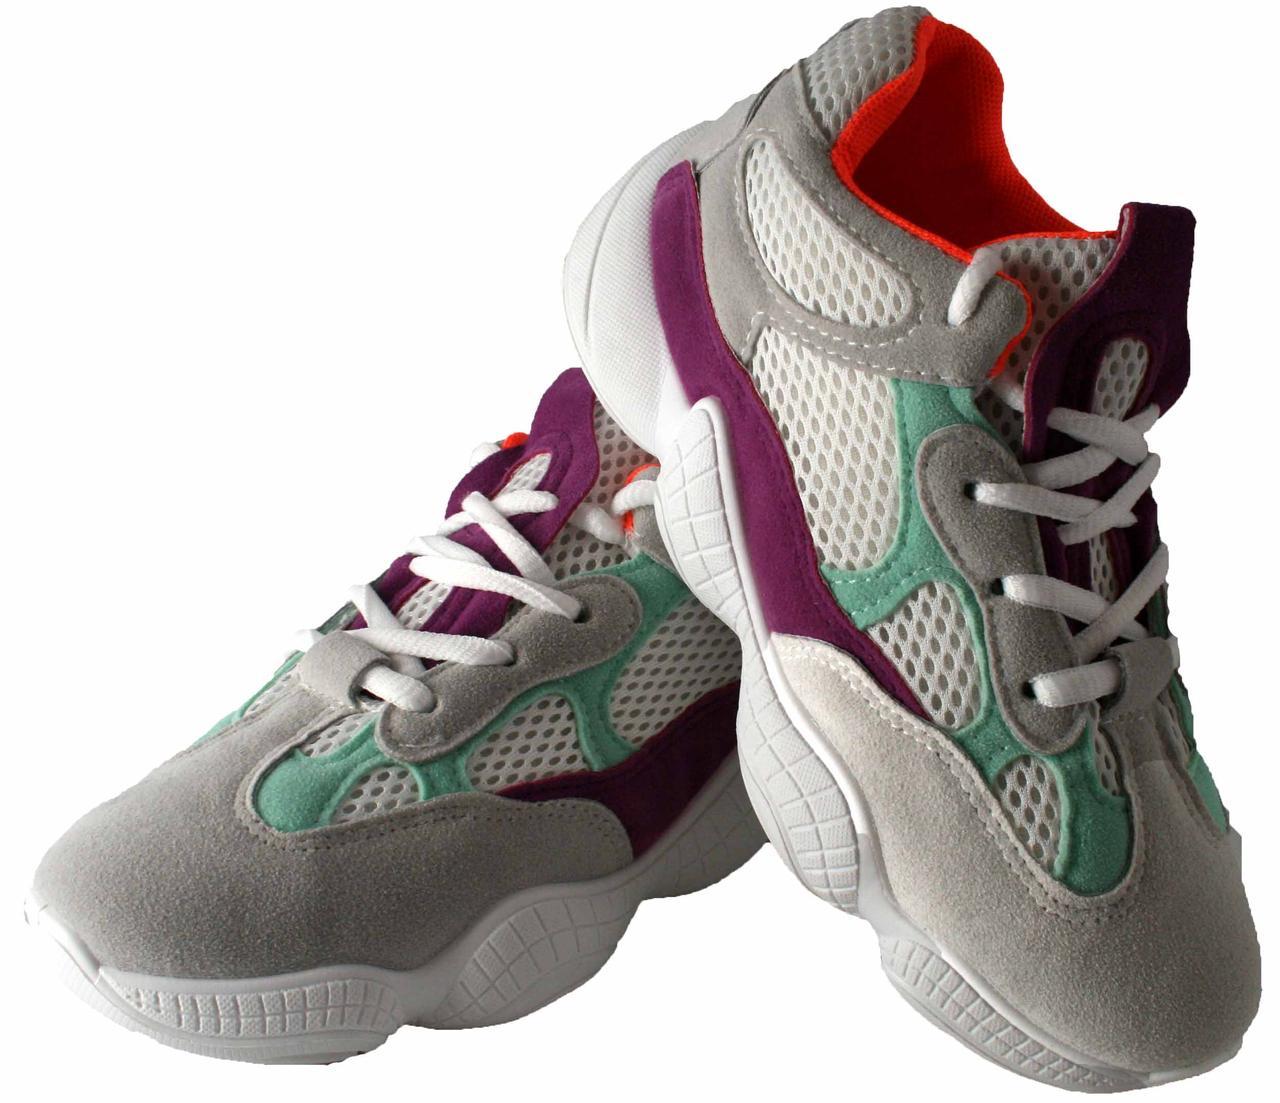 ХИТ 2019 года. Женские кроссовки размеры 35-41